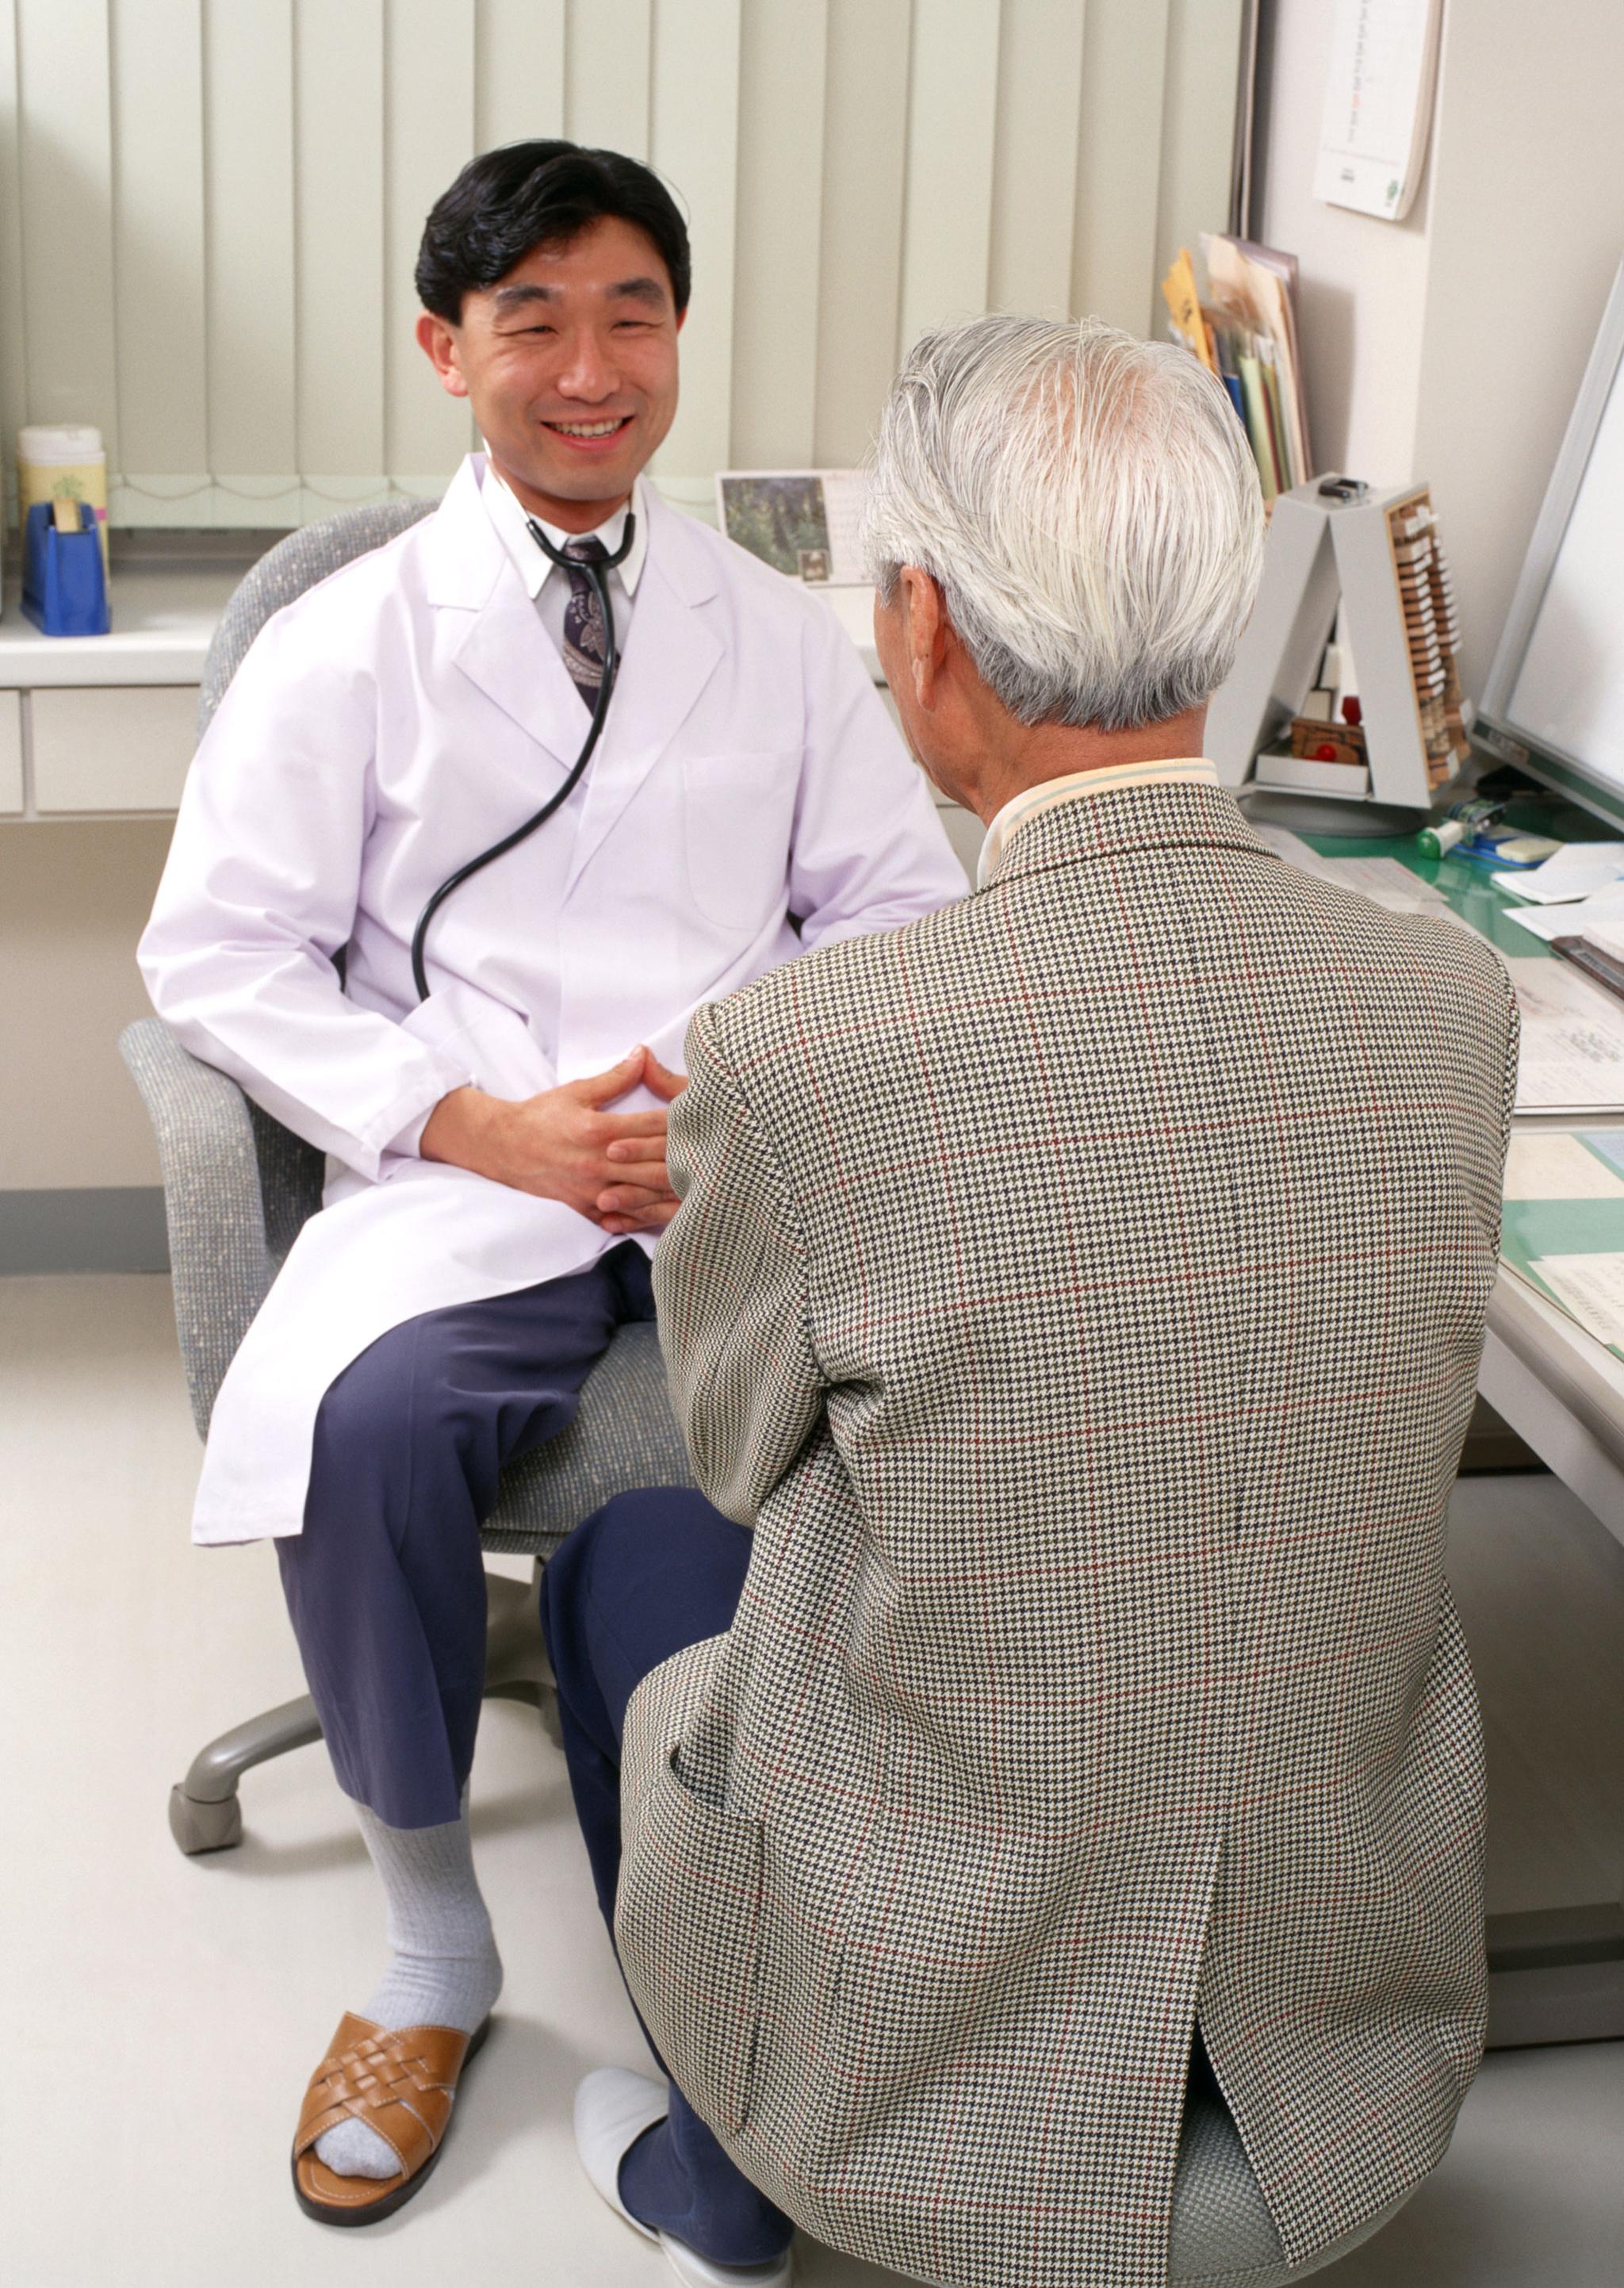 隨時關注家中長輩健康情況,預防及延緩衰弱情形的發生。